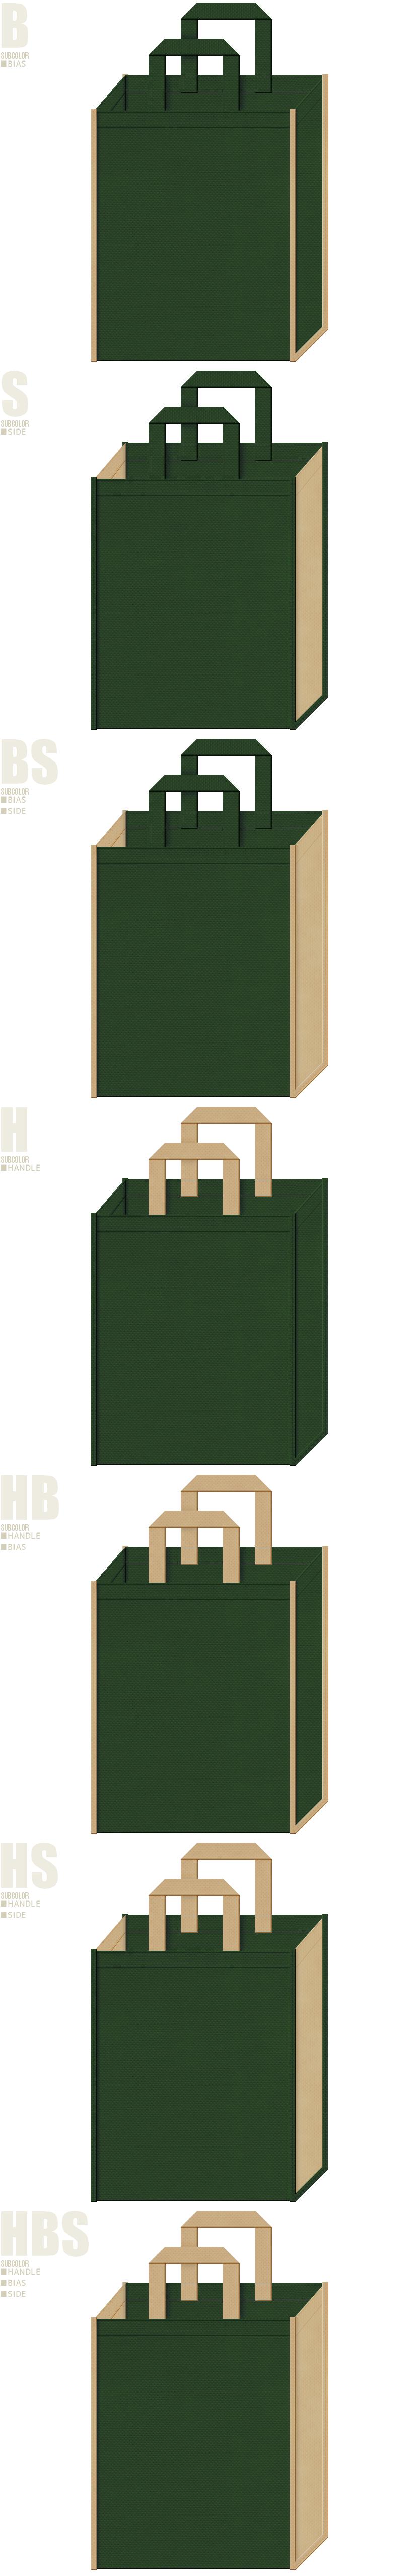 濃緑色とカーキ色、7パターンの不織布トートバッグ配色デザイン例。アウトドア・キャンプ用品の展示会用バッグにお奨めです。